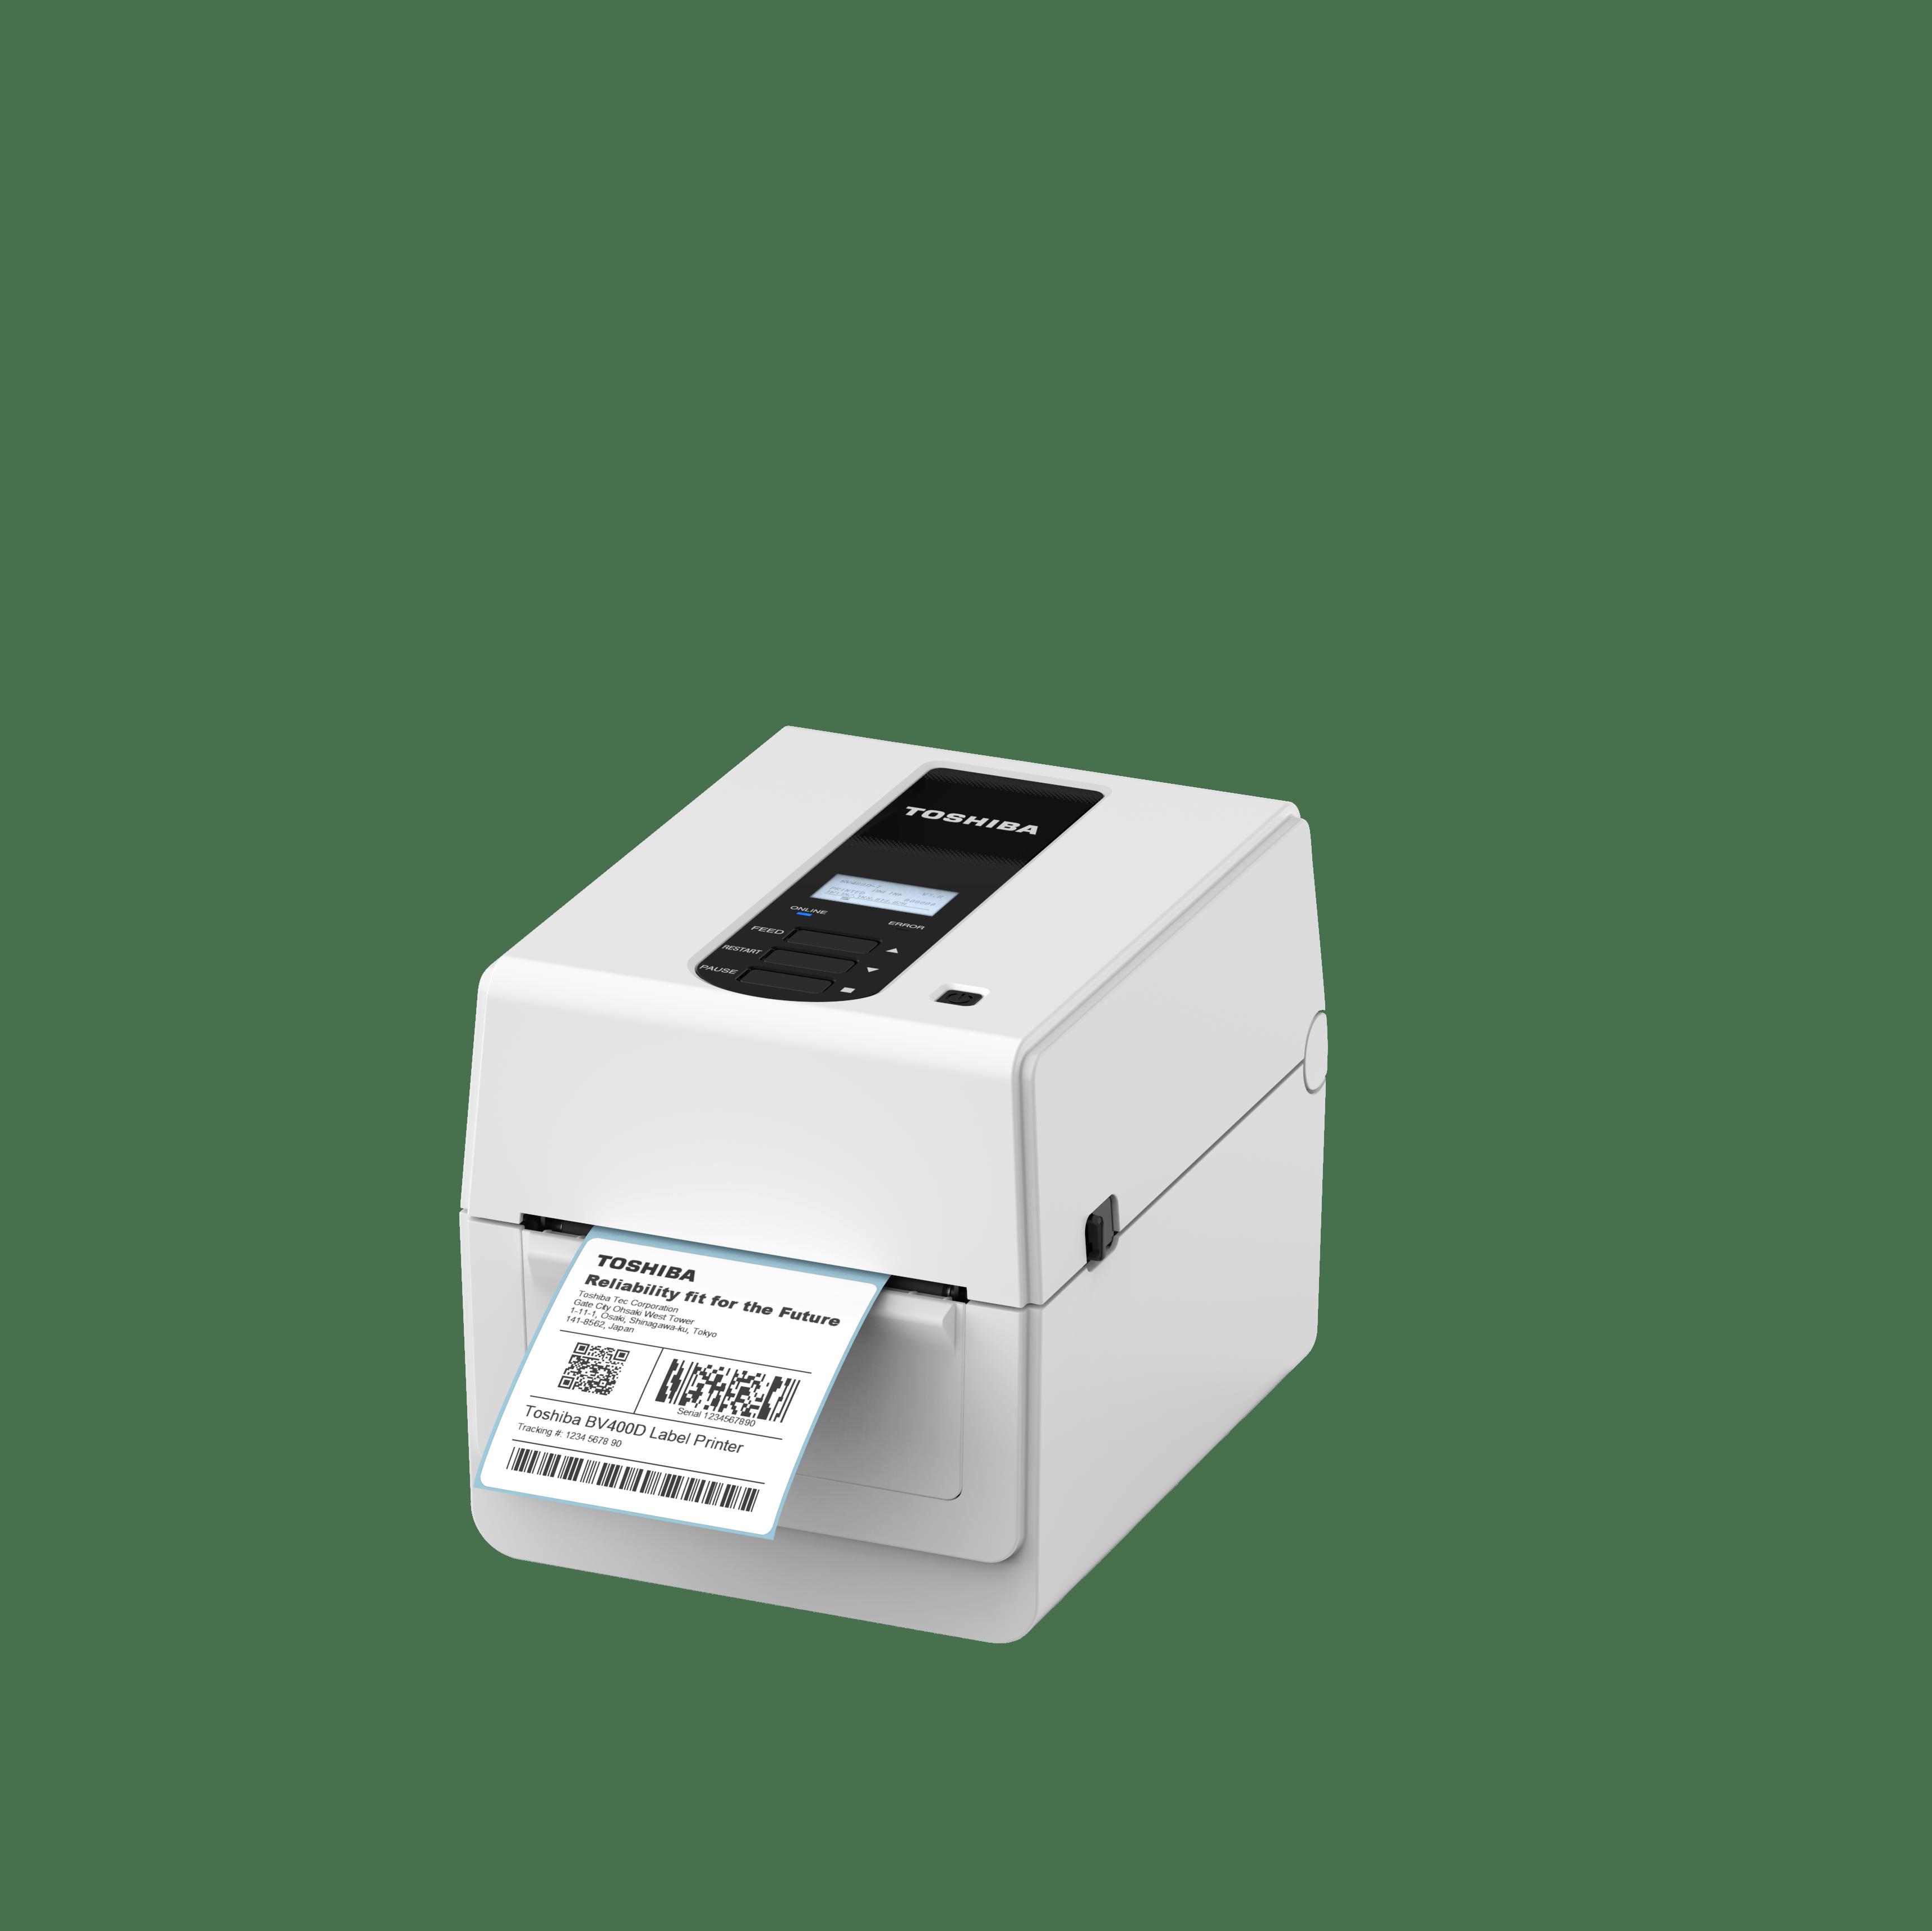 Impresora Toshiba BV400